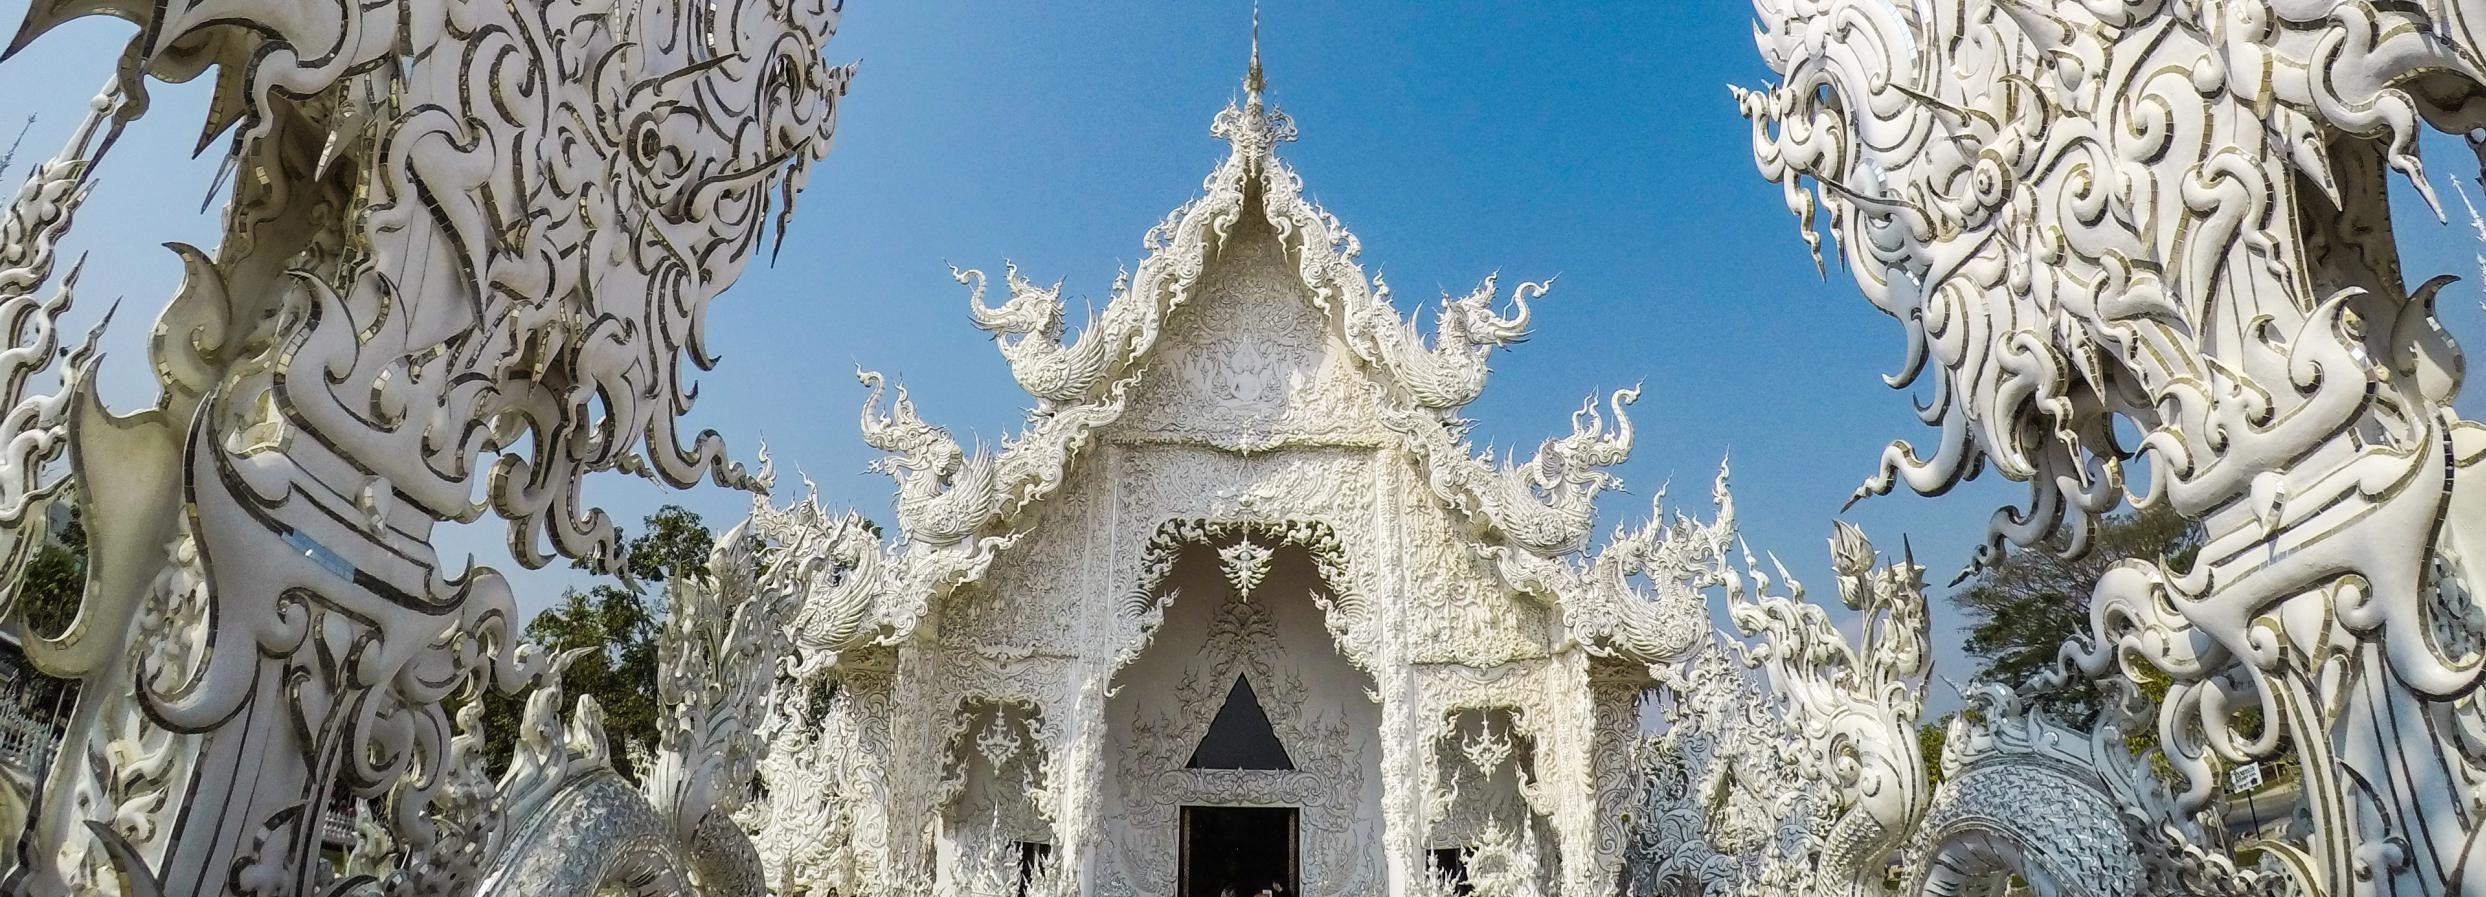 Tour privado de 1 día de Chiang Rai y el Triángulo de Oro